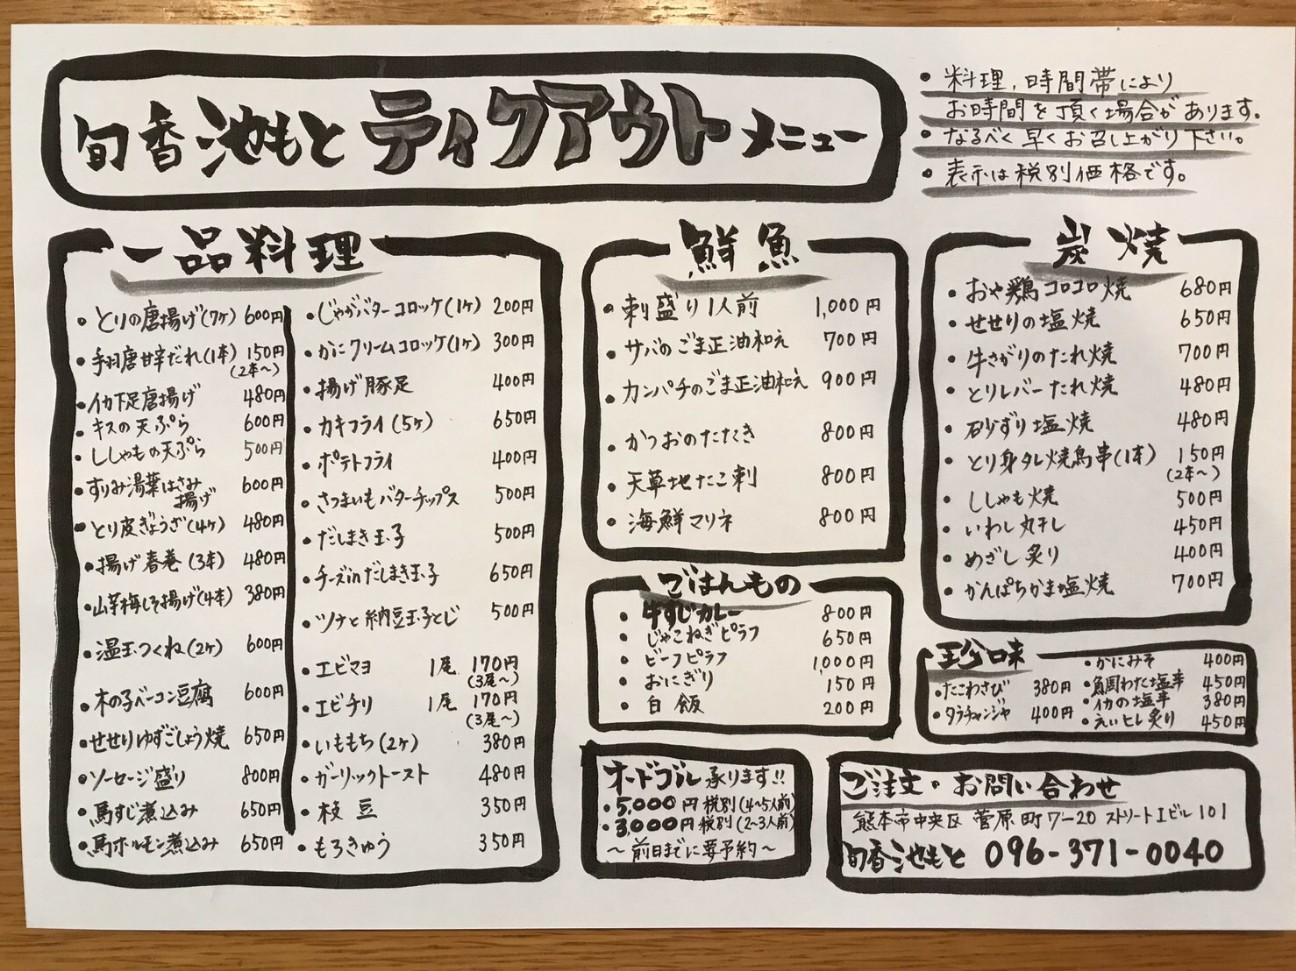 f:id:shimomura1205:20200509003937j:plain